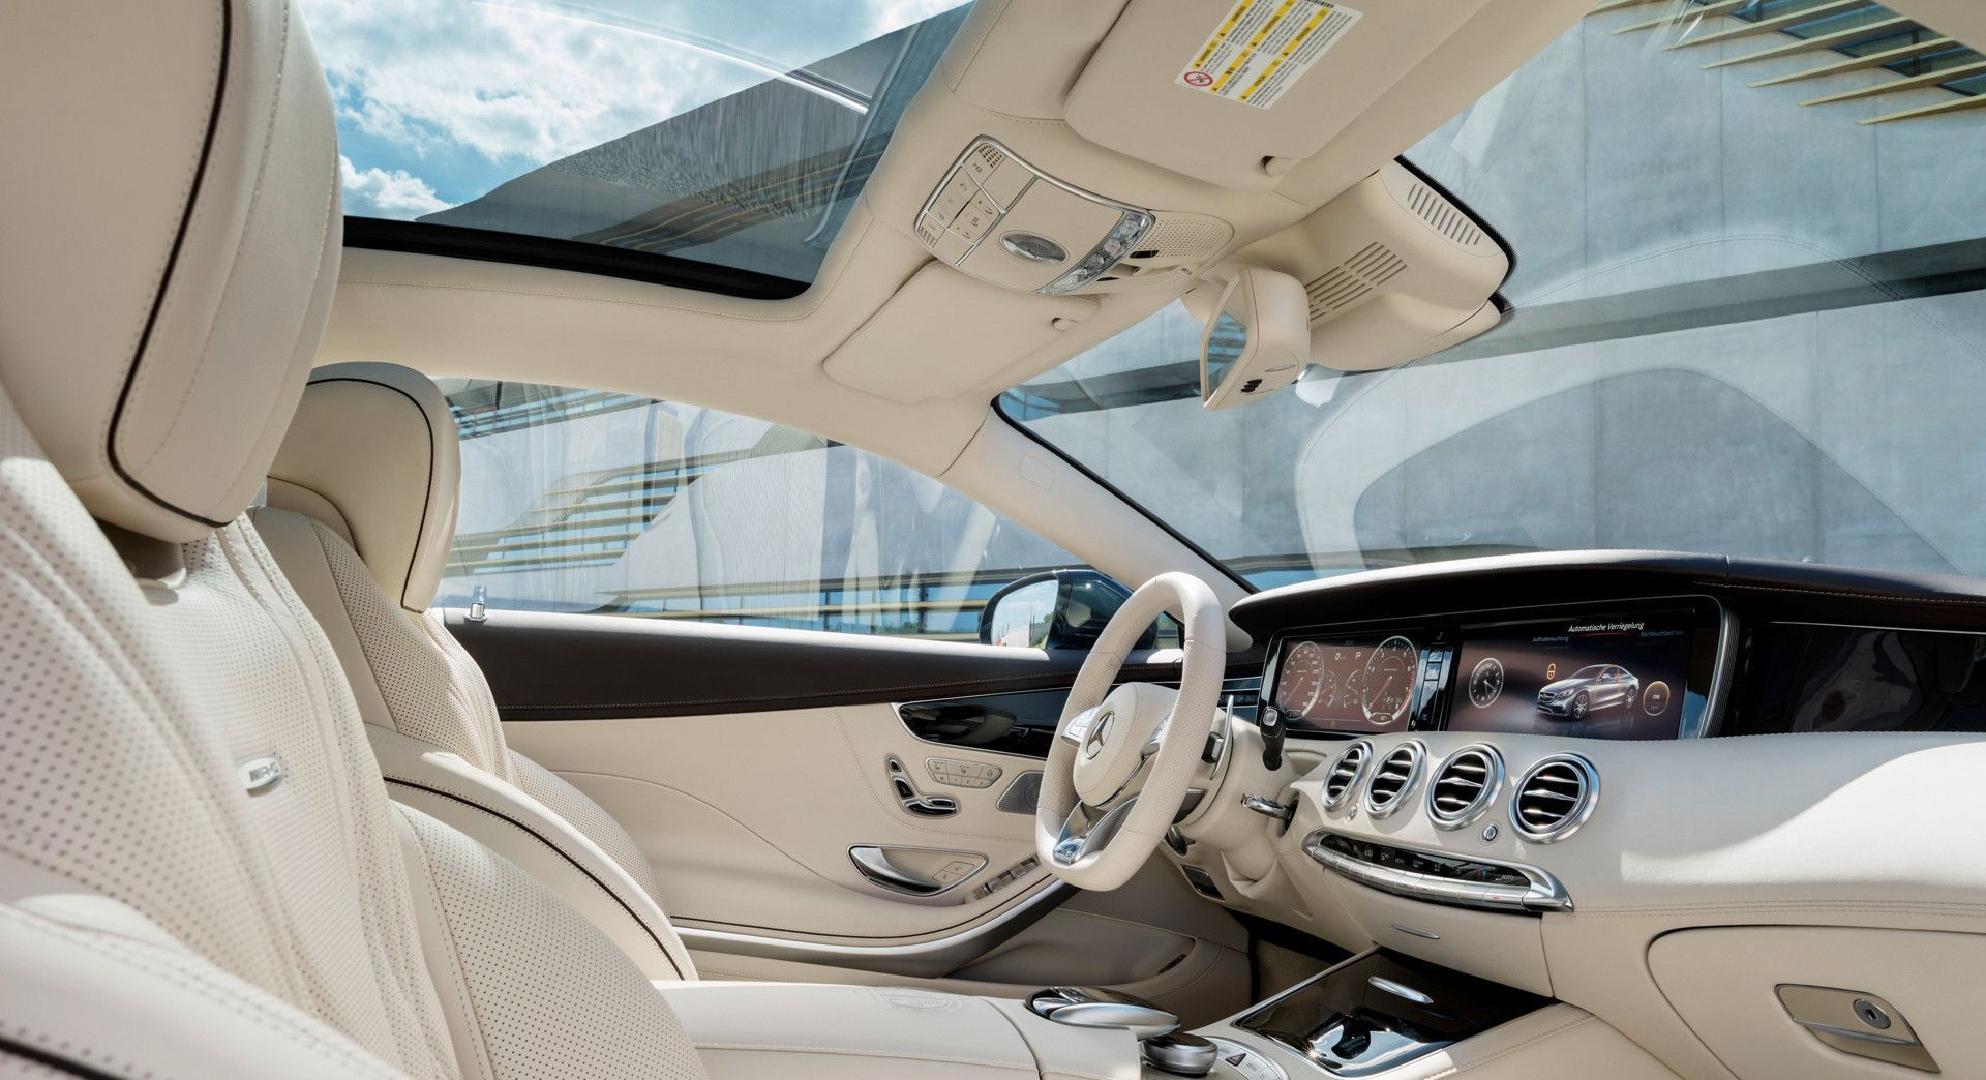 Mercedes Benz S65 Amg Hd Wallpaper